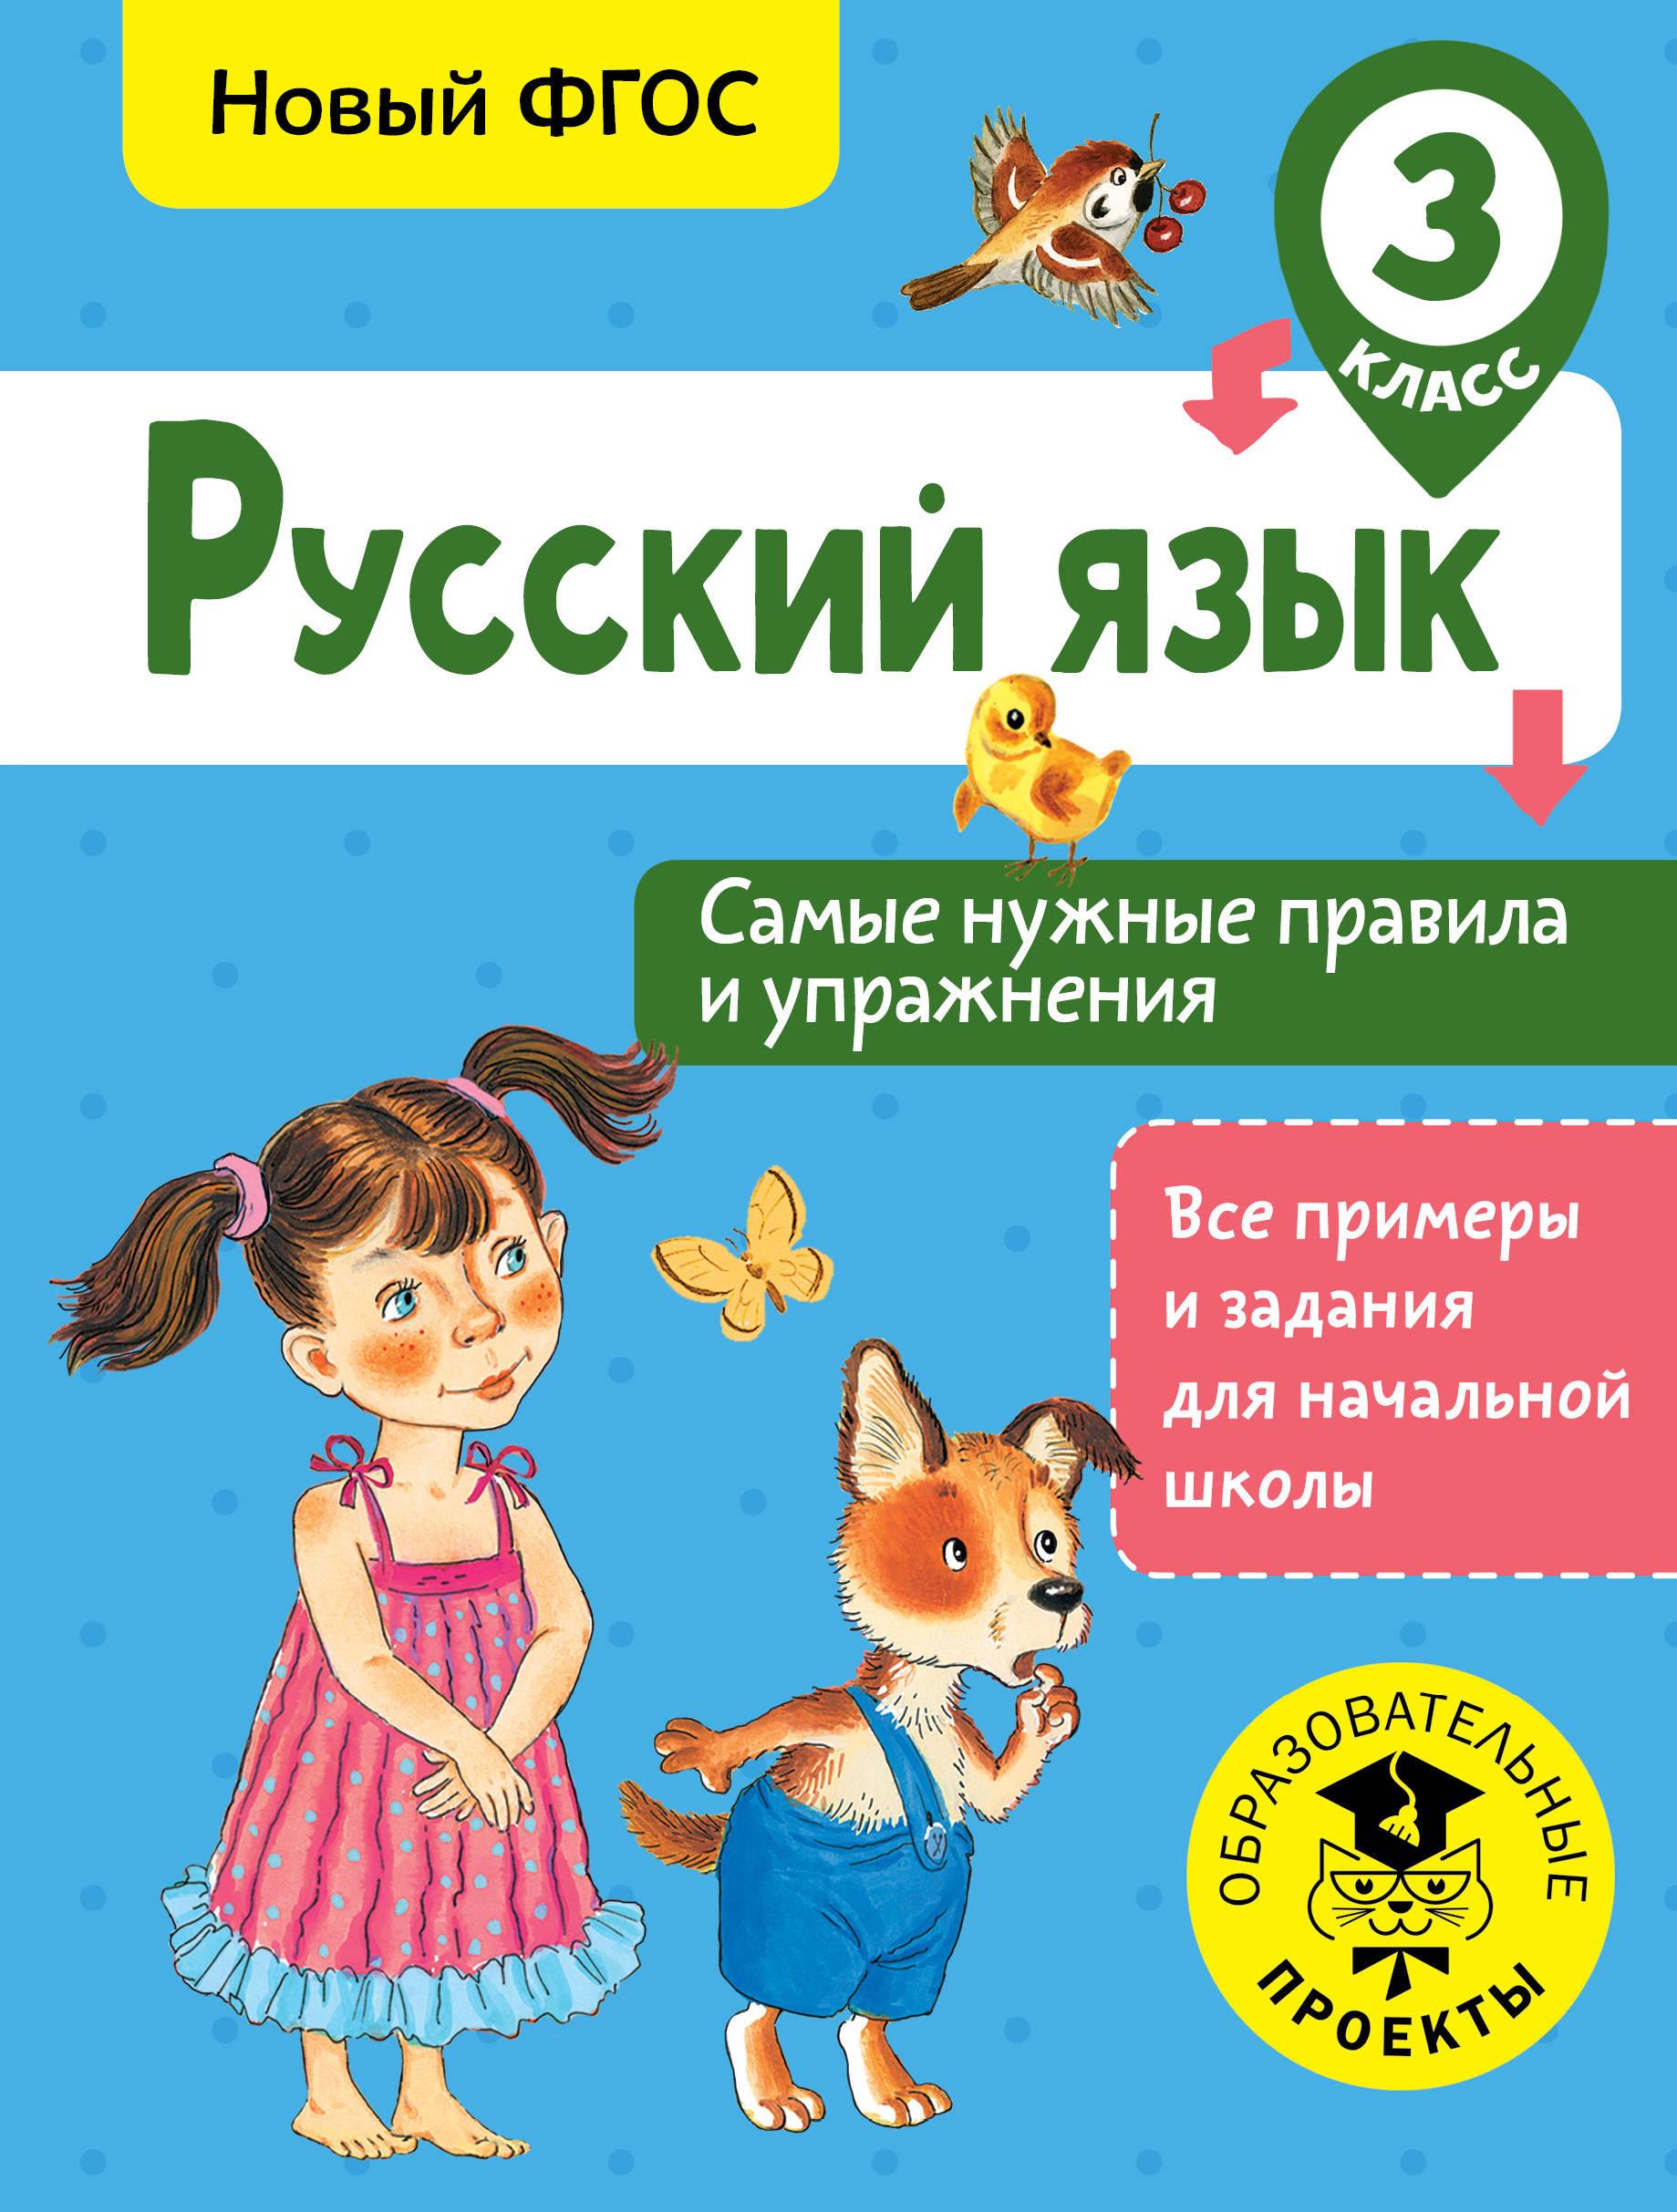 Русский язык. Самые нужные правила и упражнения. 3 класс ( Шевелёва Наталия Николаевна  )